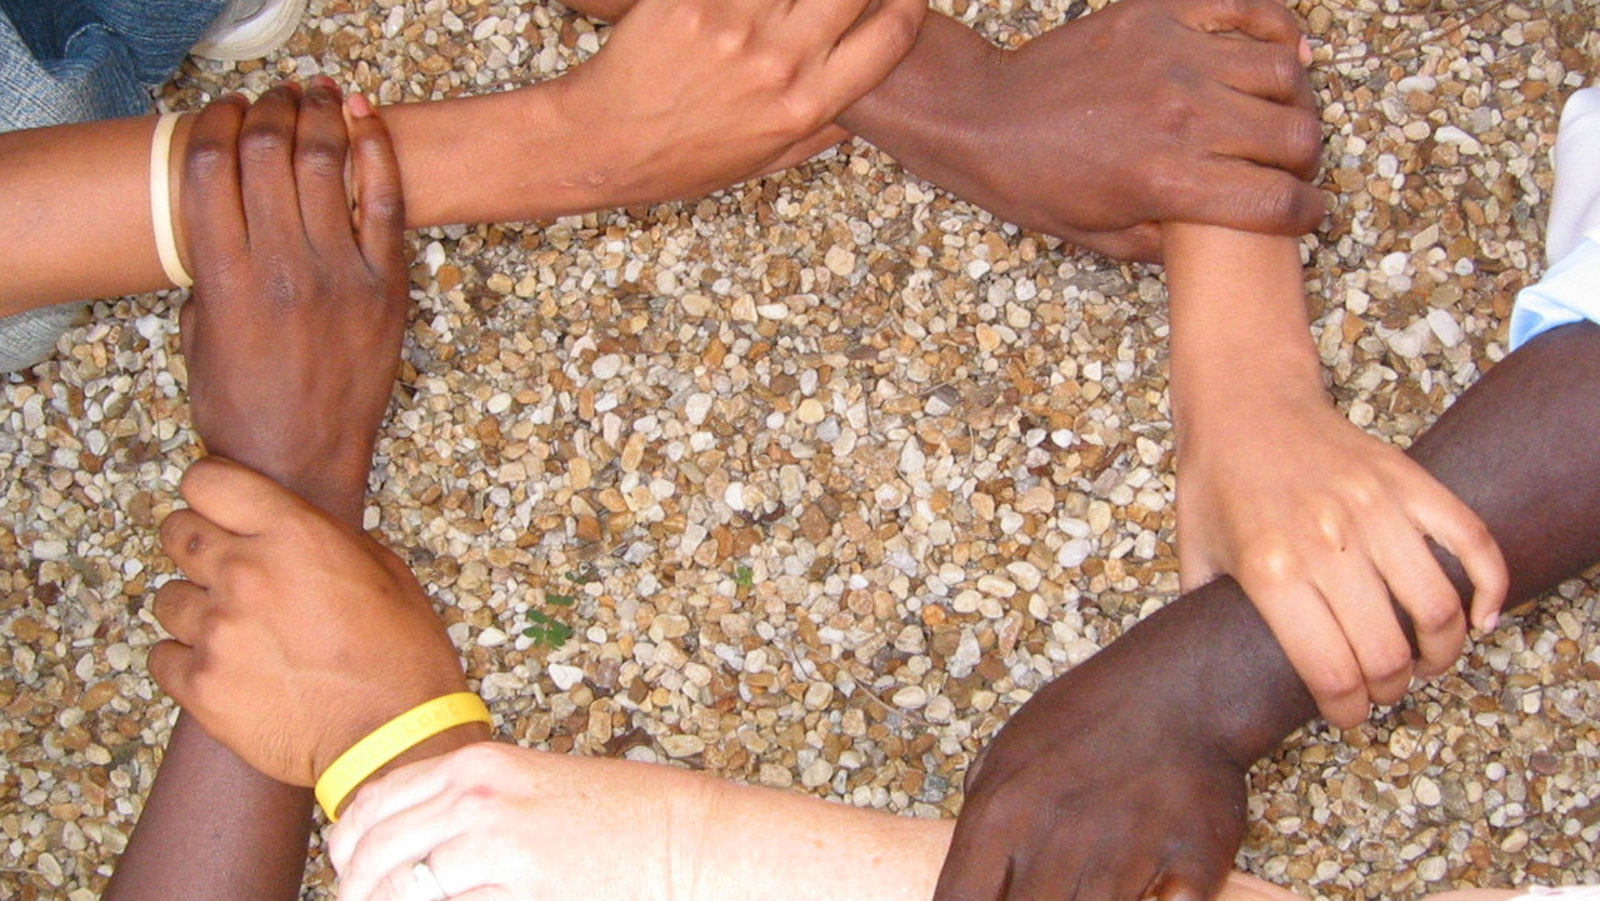 Händer. Foro: Avondale Pattillo UMC, by flickr.com